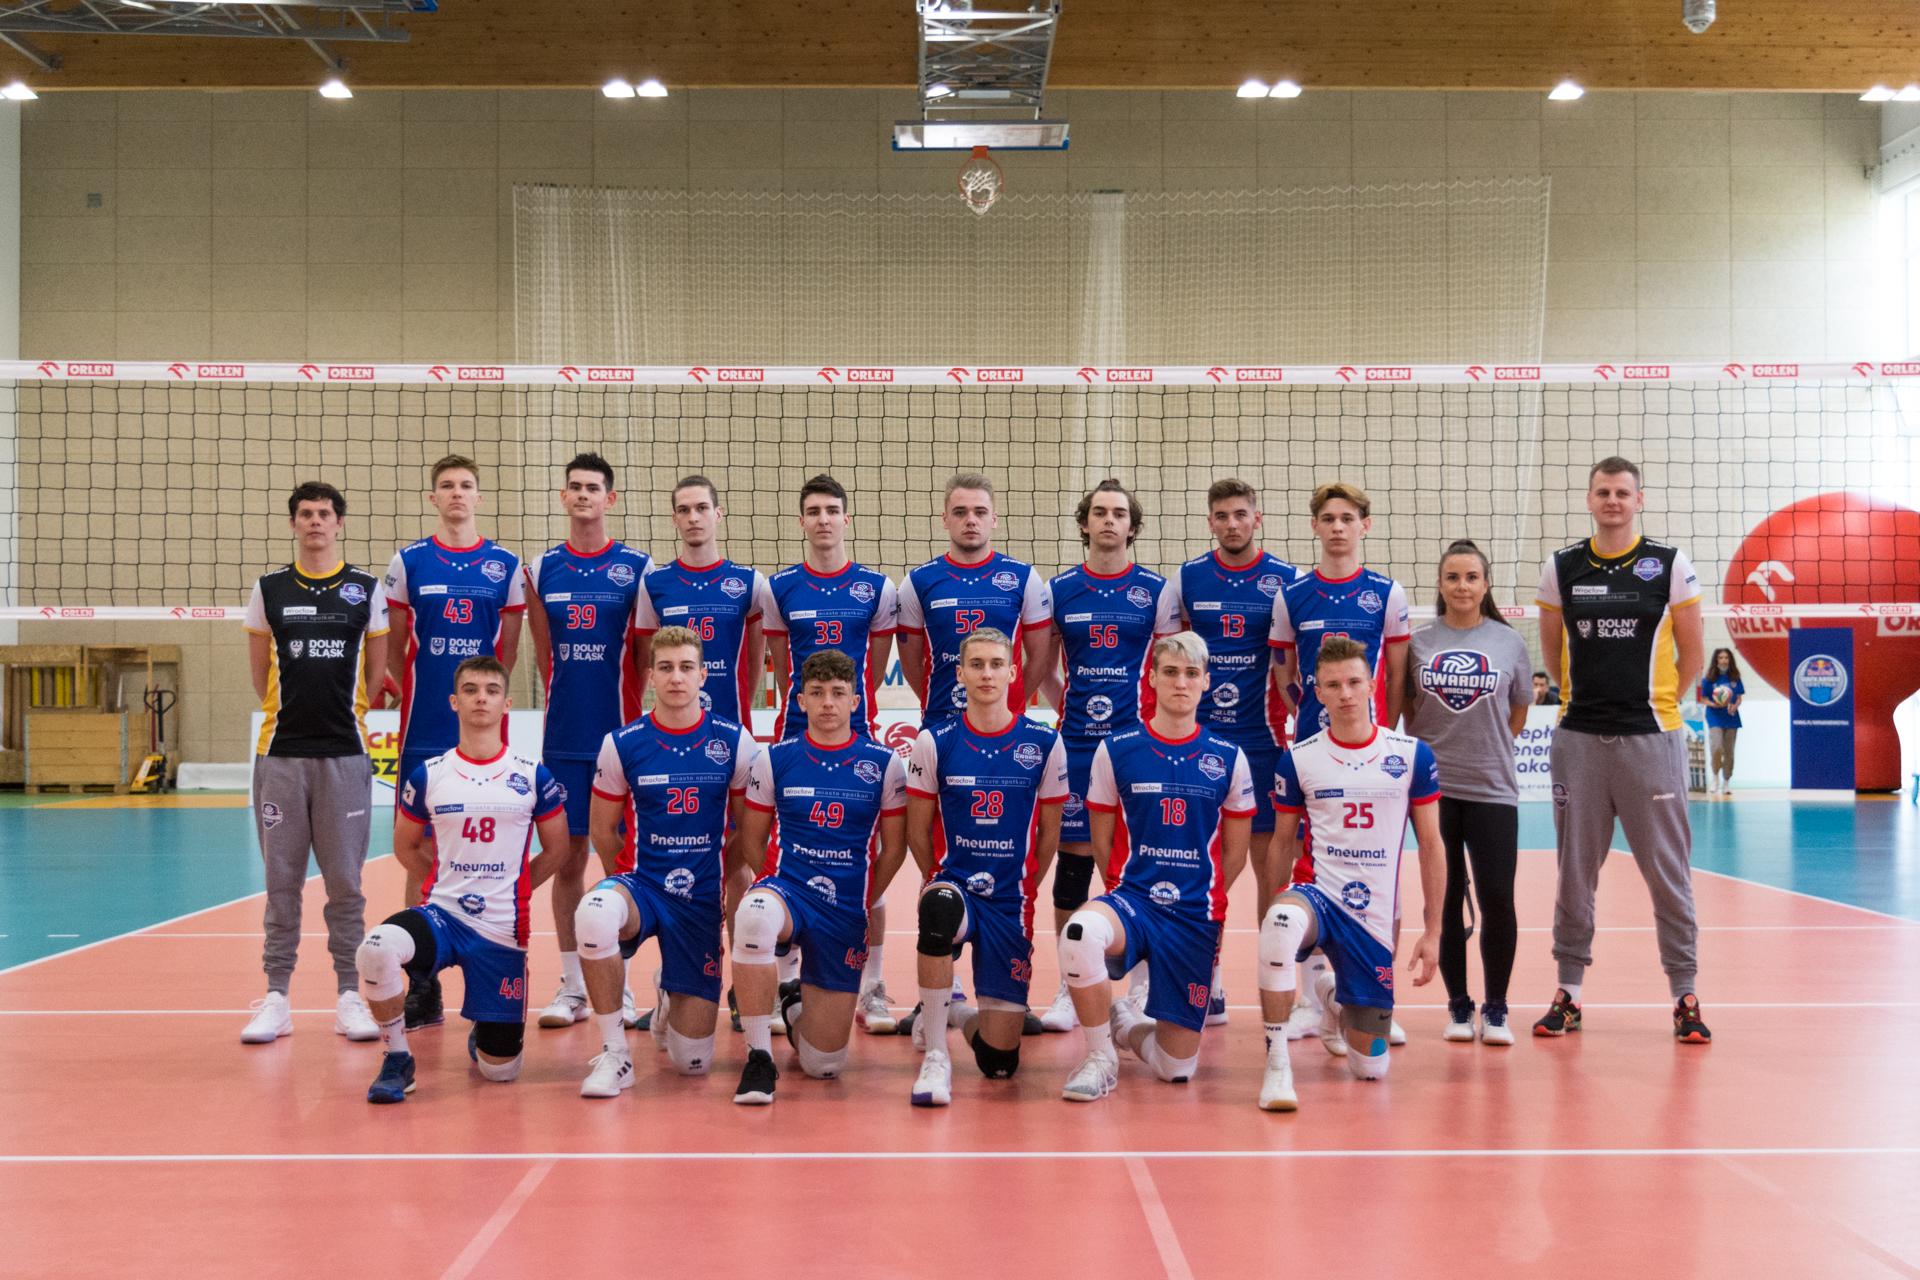 Gwardia Wrocław Academy (MMP półfinał Juniorów Grupa 4 sezon 2020/2021)